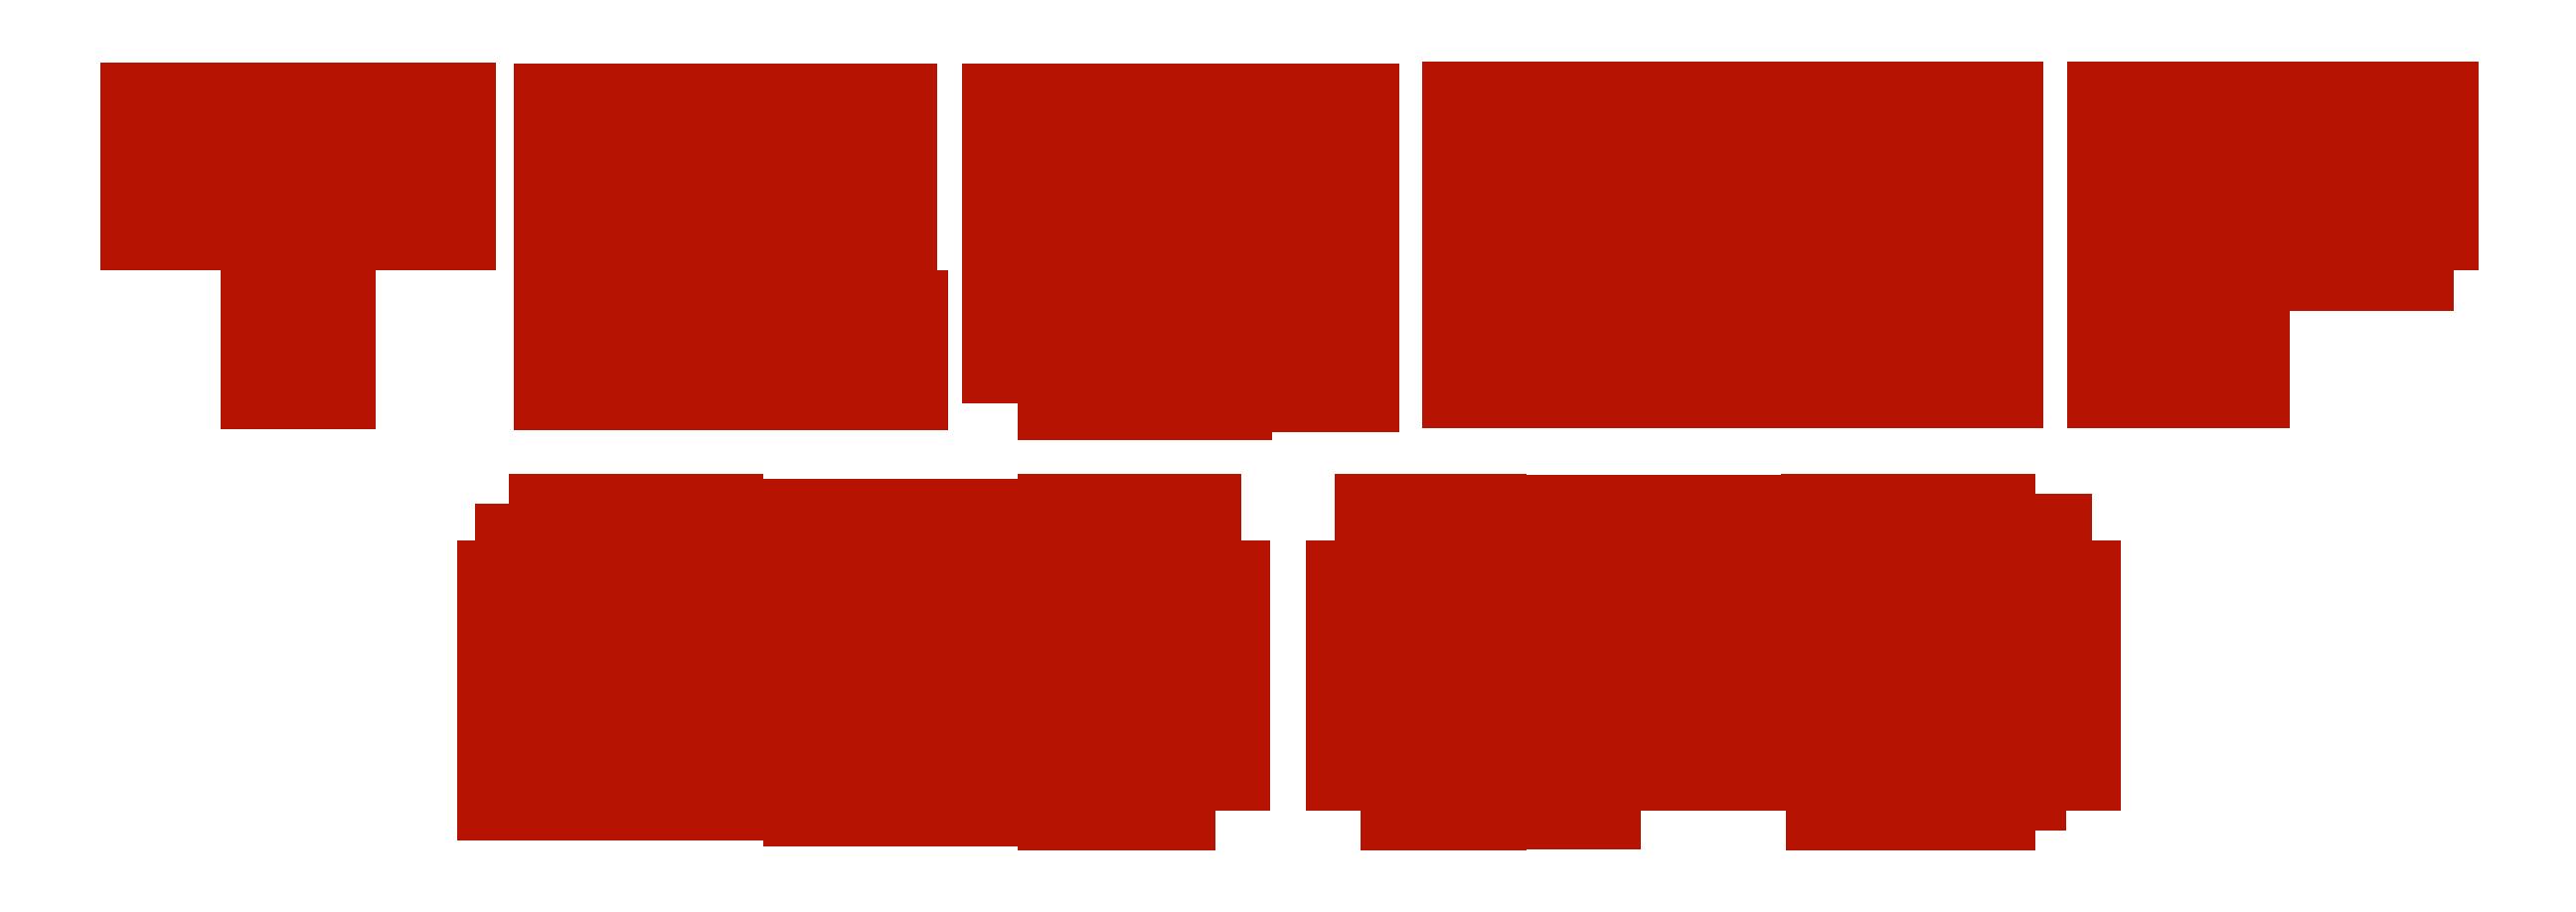 File:Trump 2000.png.